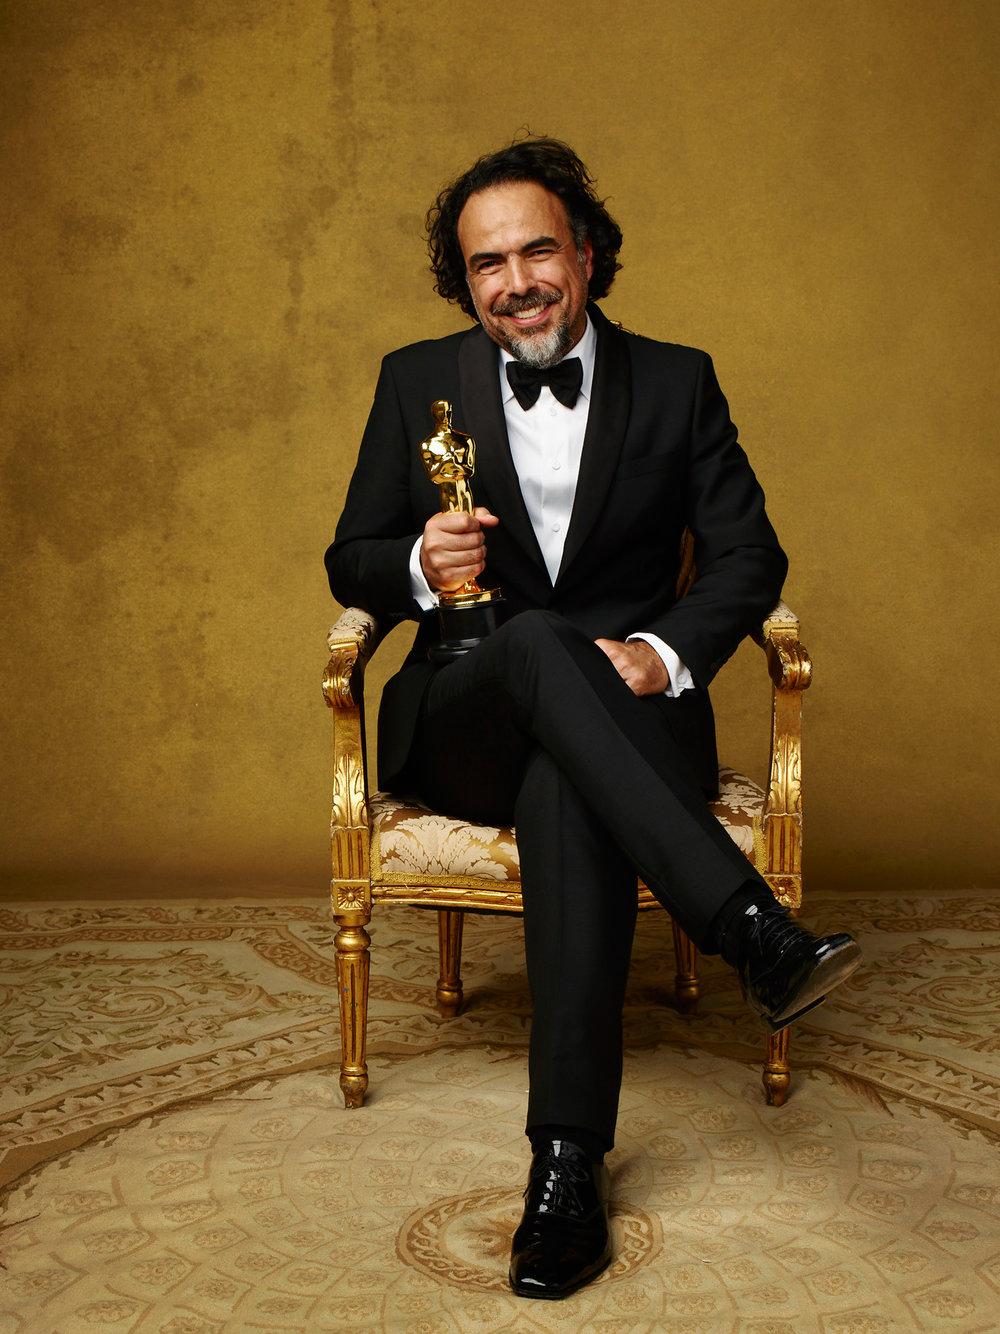 AlejandroGonzalezInarritu.jpg